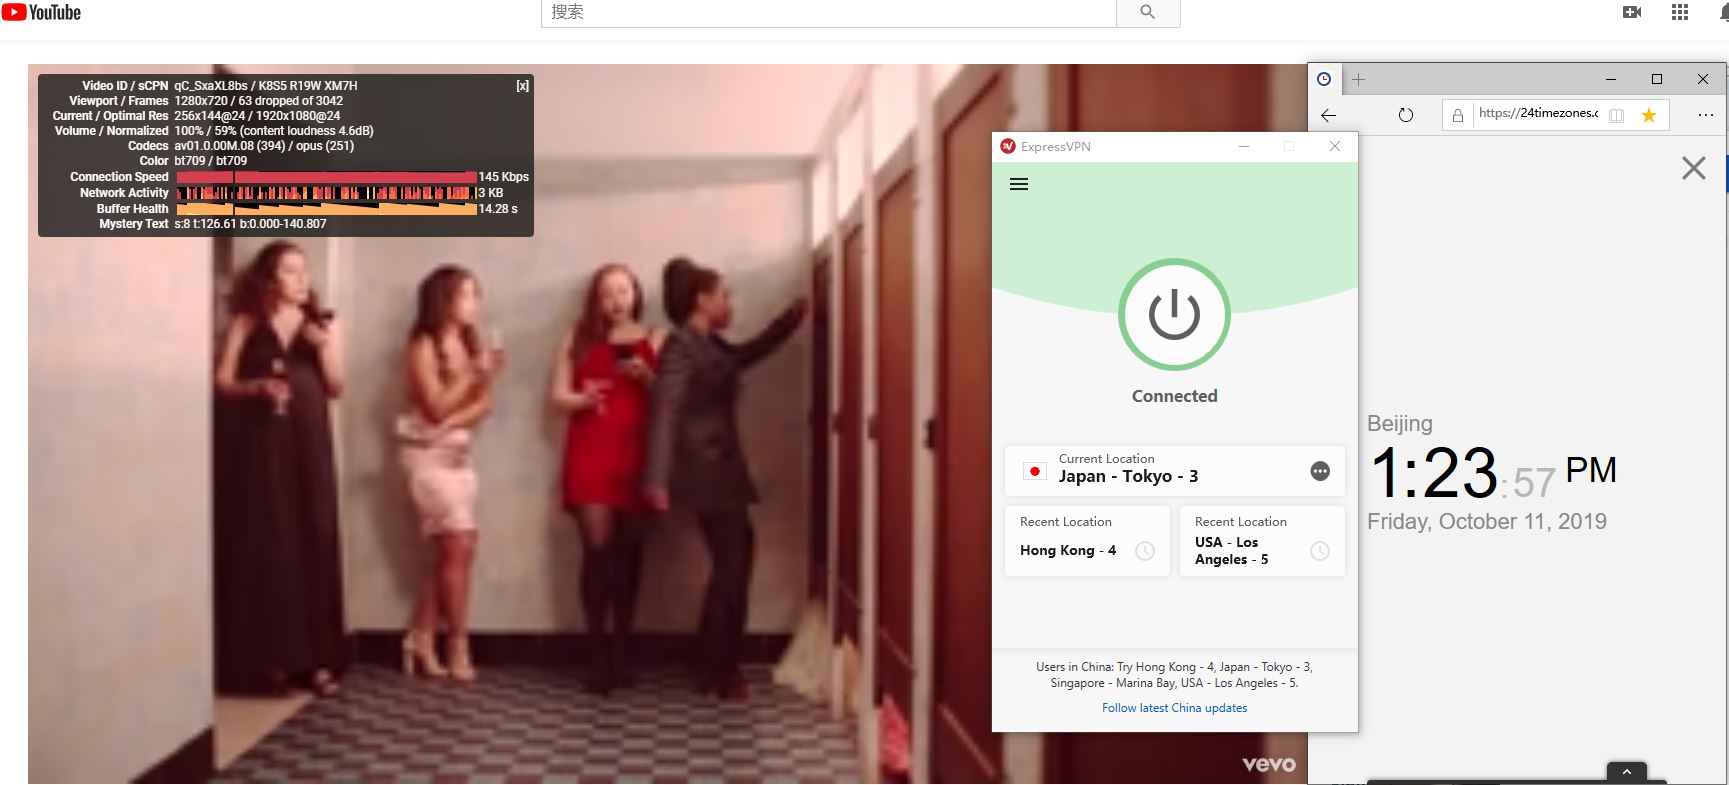 Windows ExpressVPN Japan - Tokyo- 3 中国VPN翻墙 科学上网 YouTube测速-20191011